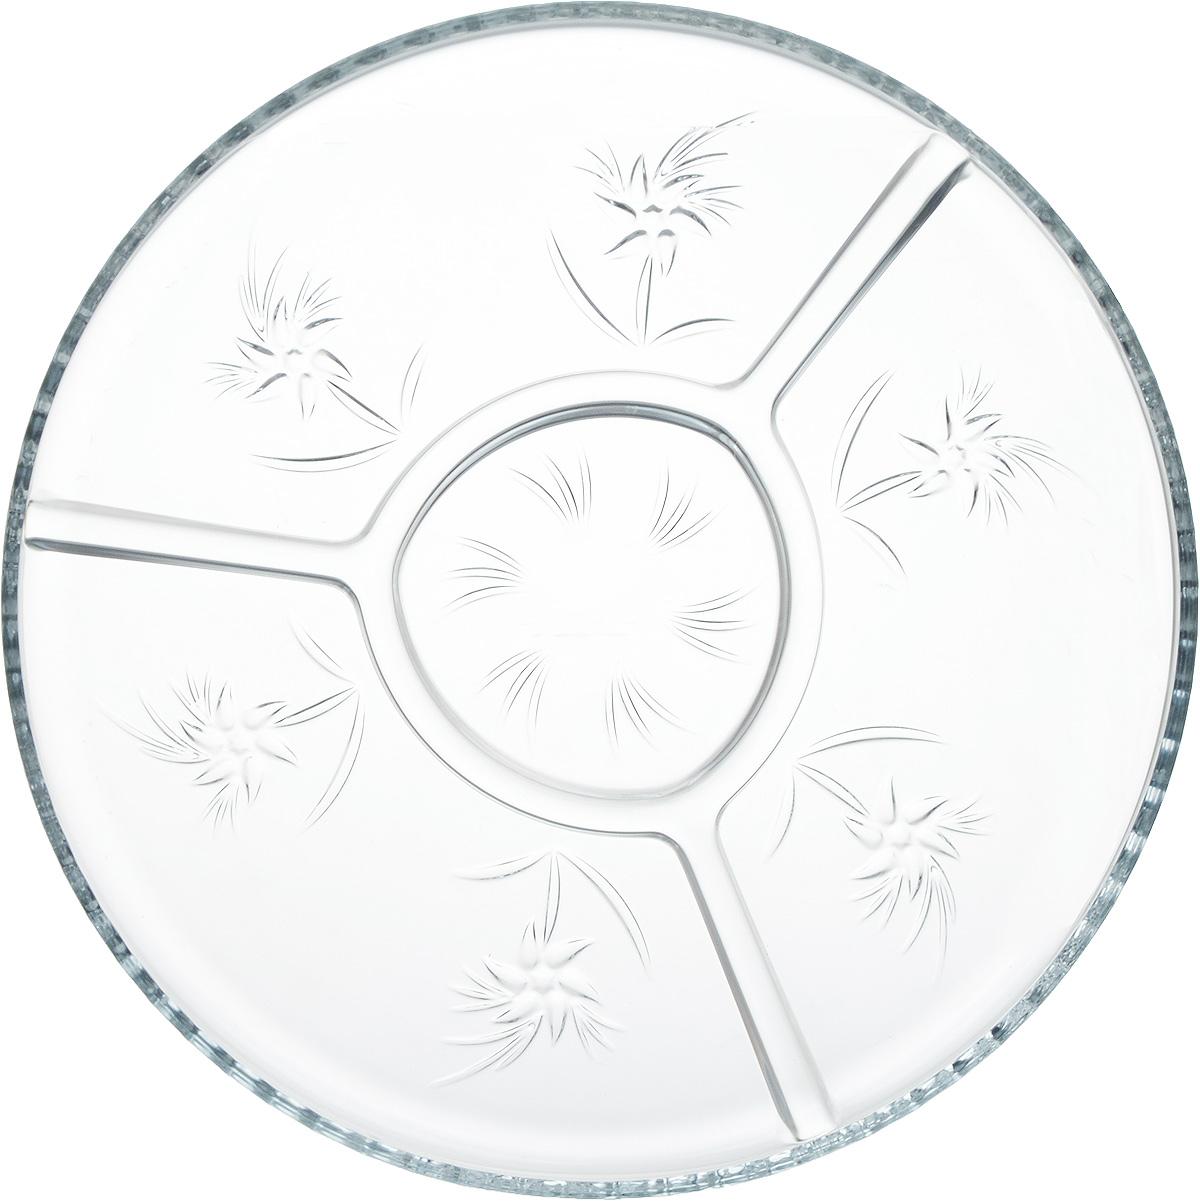 Менажница Isfahan Simin, 4 секции, диаметр 30 см749Менажница 4-х секционная Isfahan Simin - удобное и практичное блюдо, разделенное на секции, вкаждую из которых вы можете положить различные вкусности.Такое изделие из иранскогоборосиликатного стекла - новый тренд на рынке посуды. Оно легче хрусталя, но при этомвыглядит достаточно хрустально: те же грани, узоры, преломление света, блики, прозрачность,плавность краев и устойчивость дна.